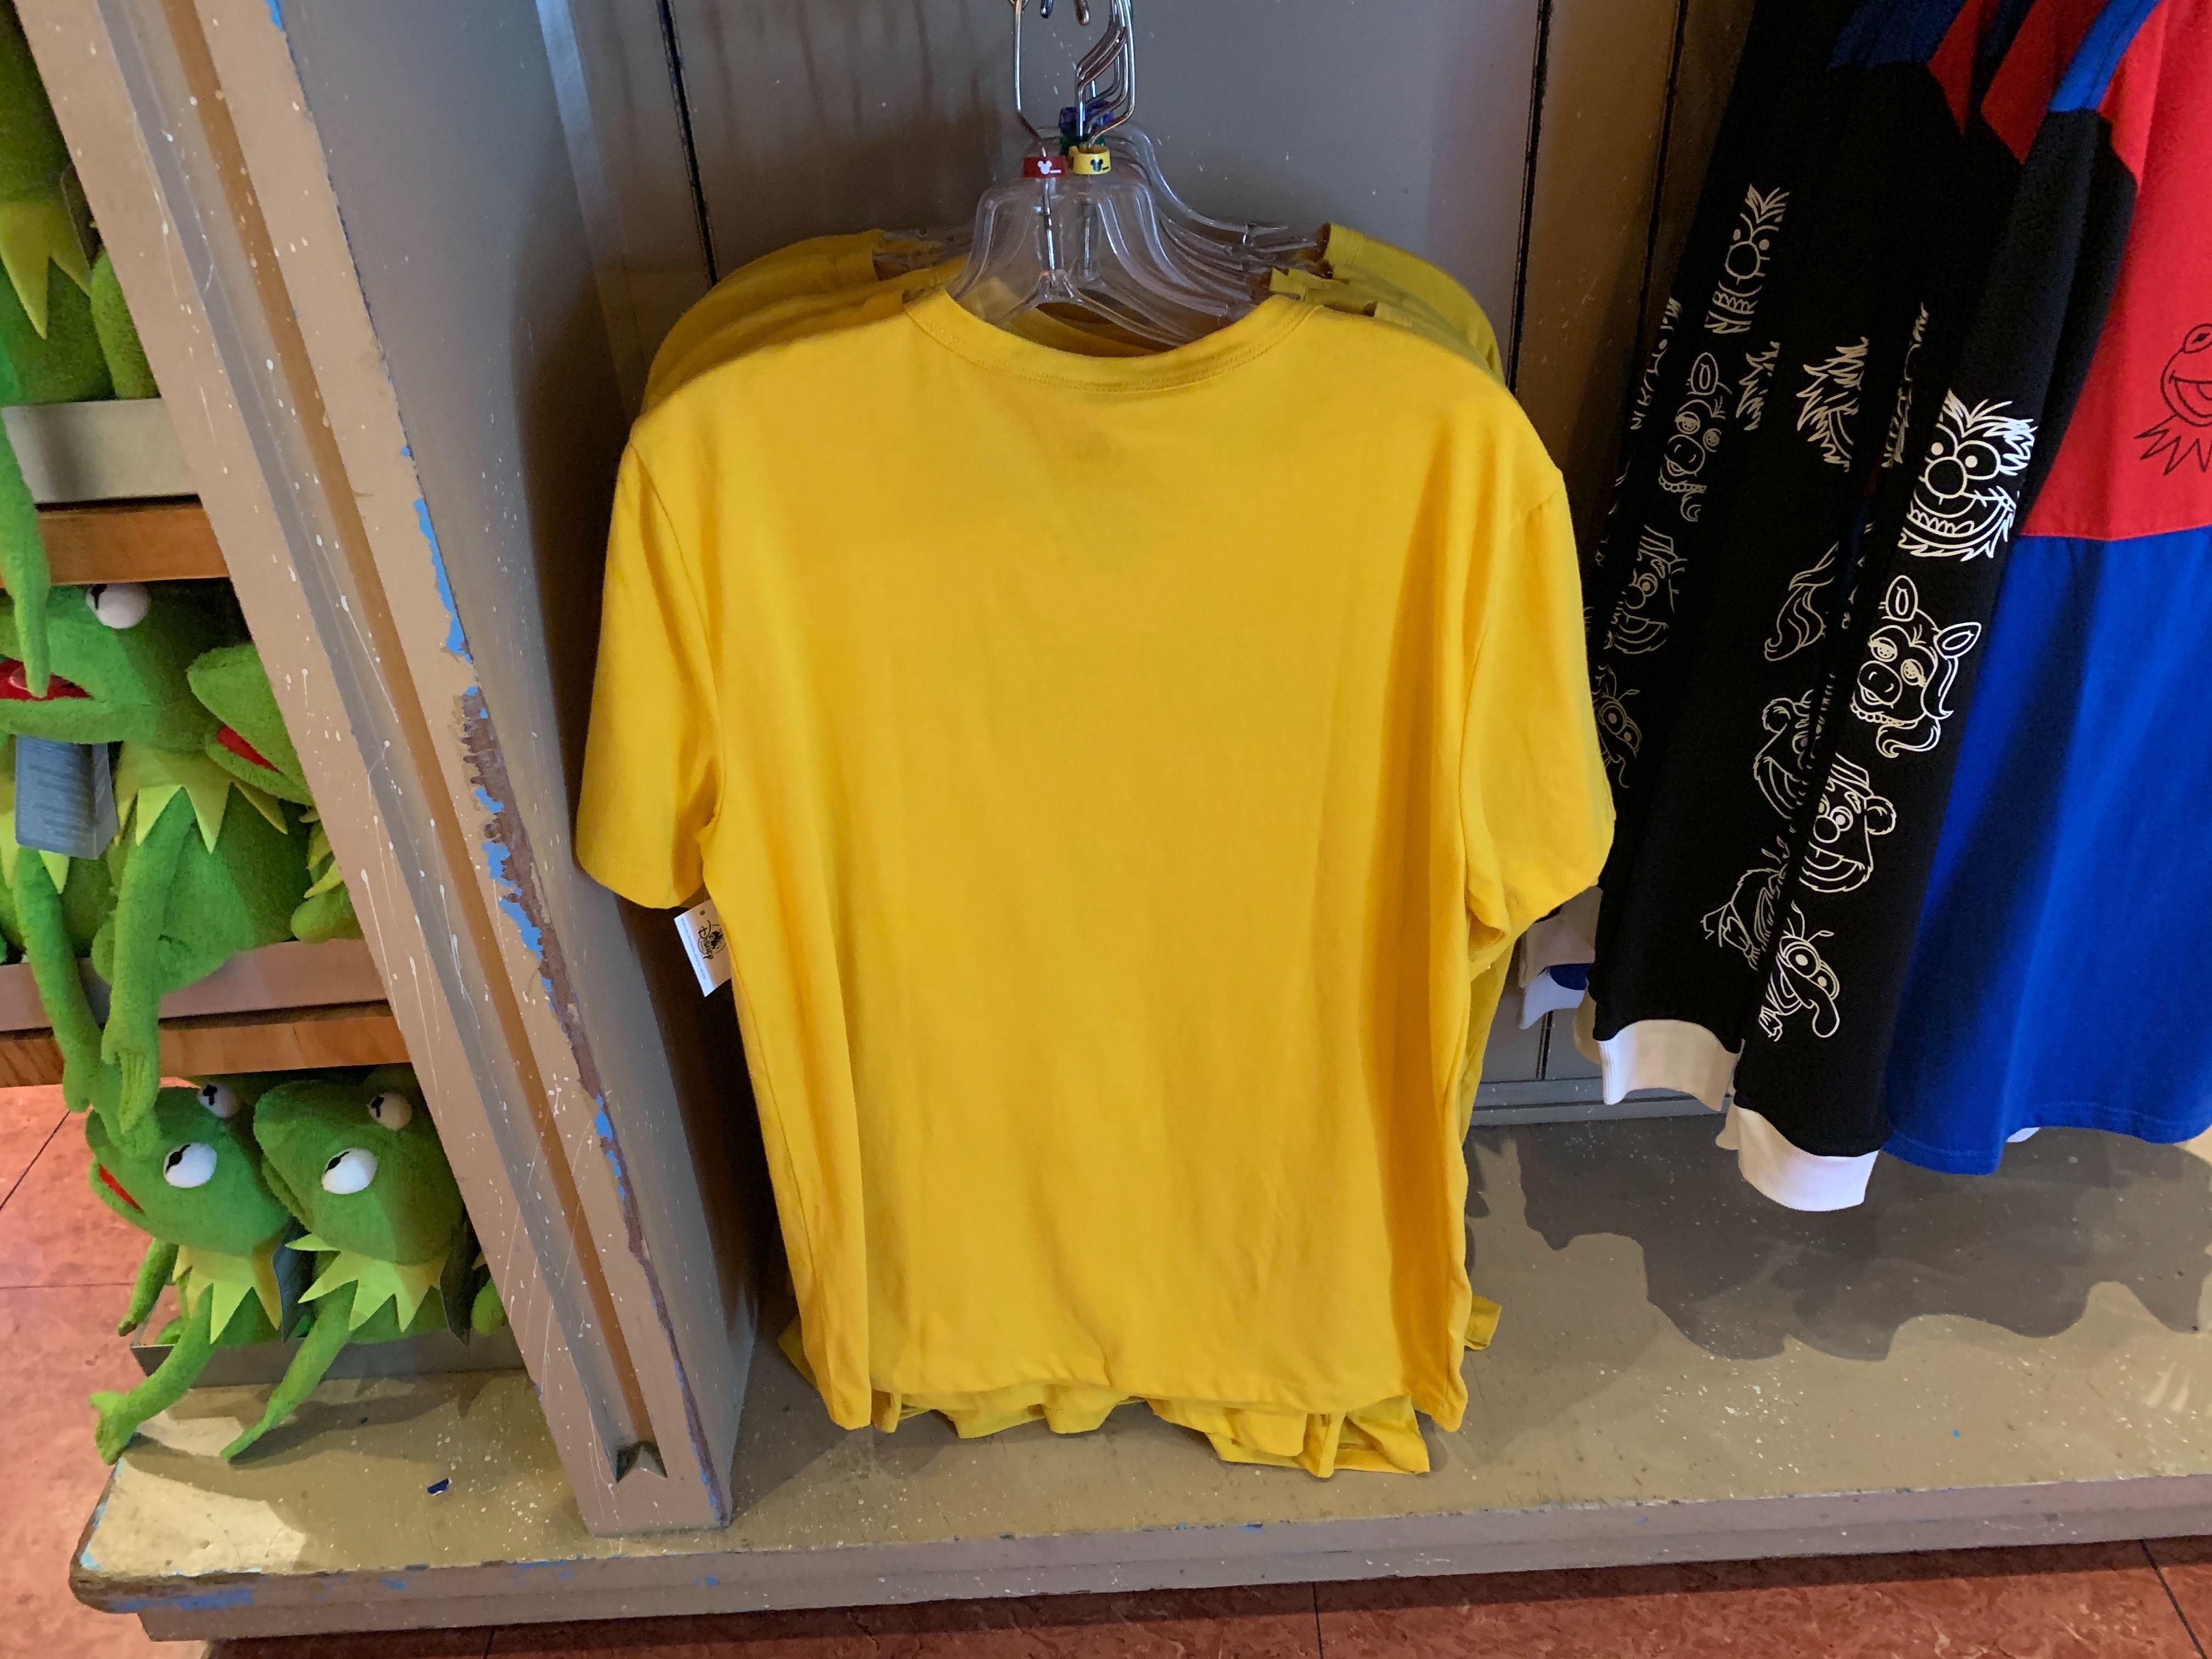 muppets-kermit-t-shirt-tshirt-tee-shirt-02-02-2020-2.jpg